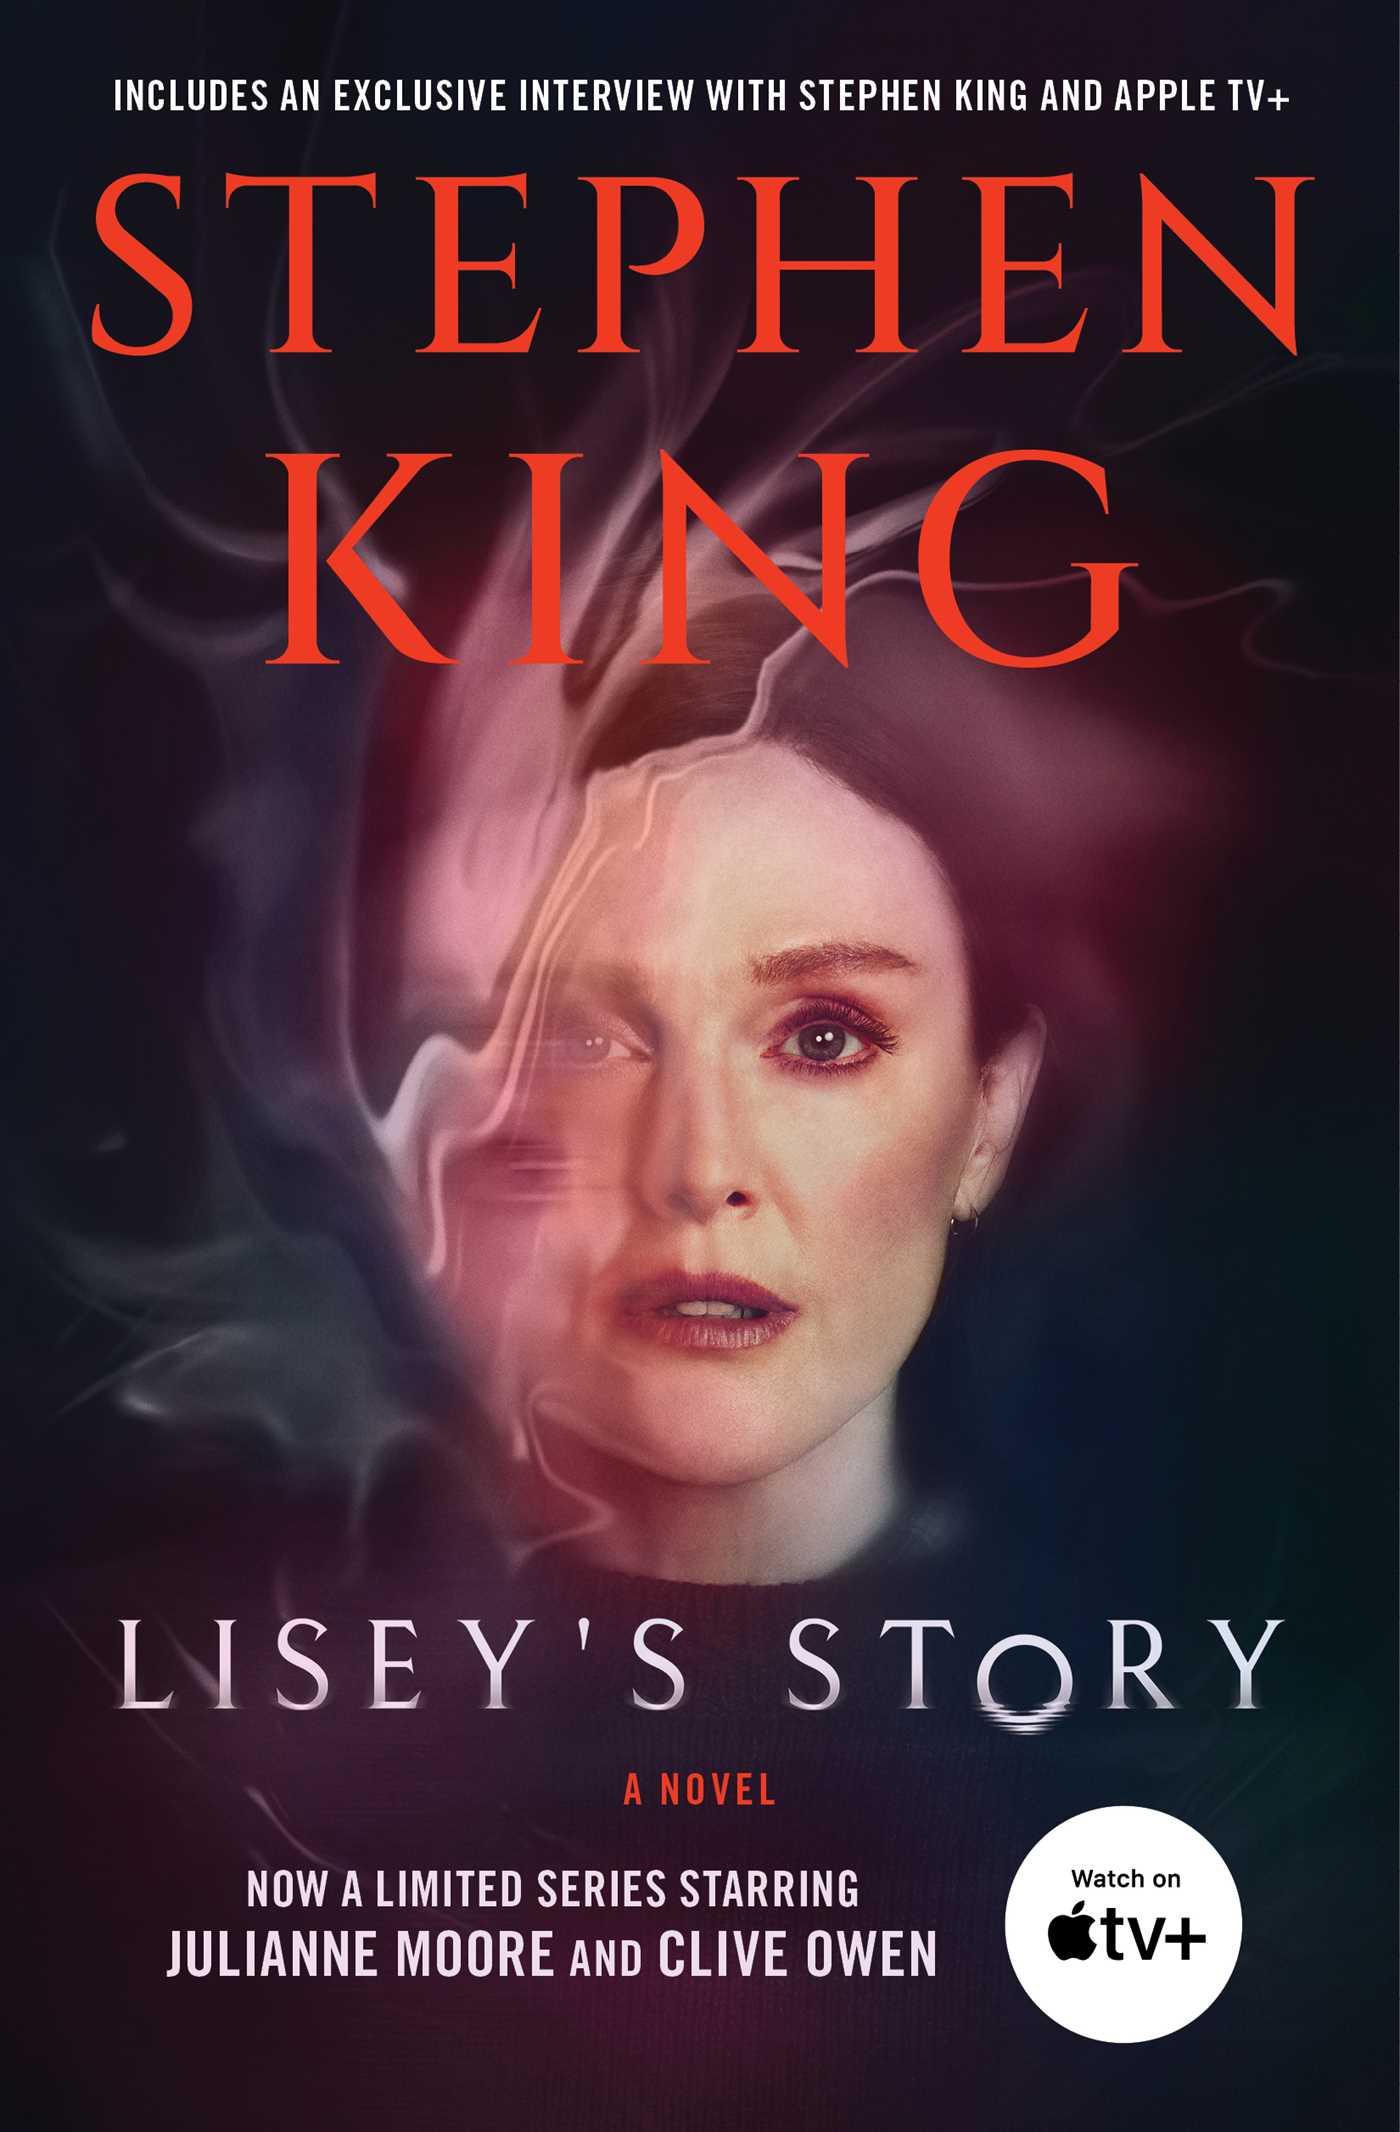 Liseys story 9780743293730 hr